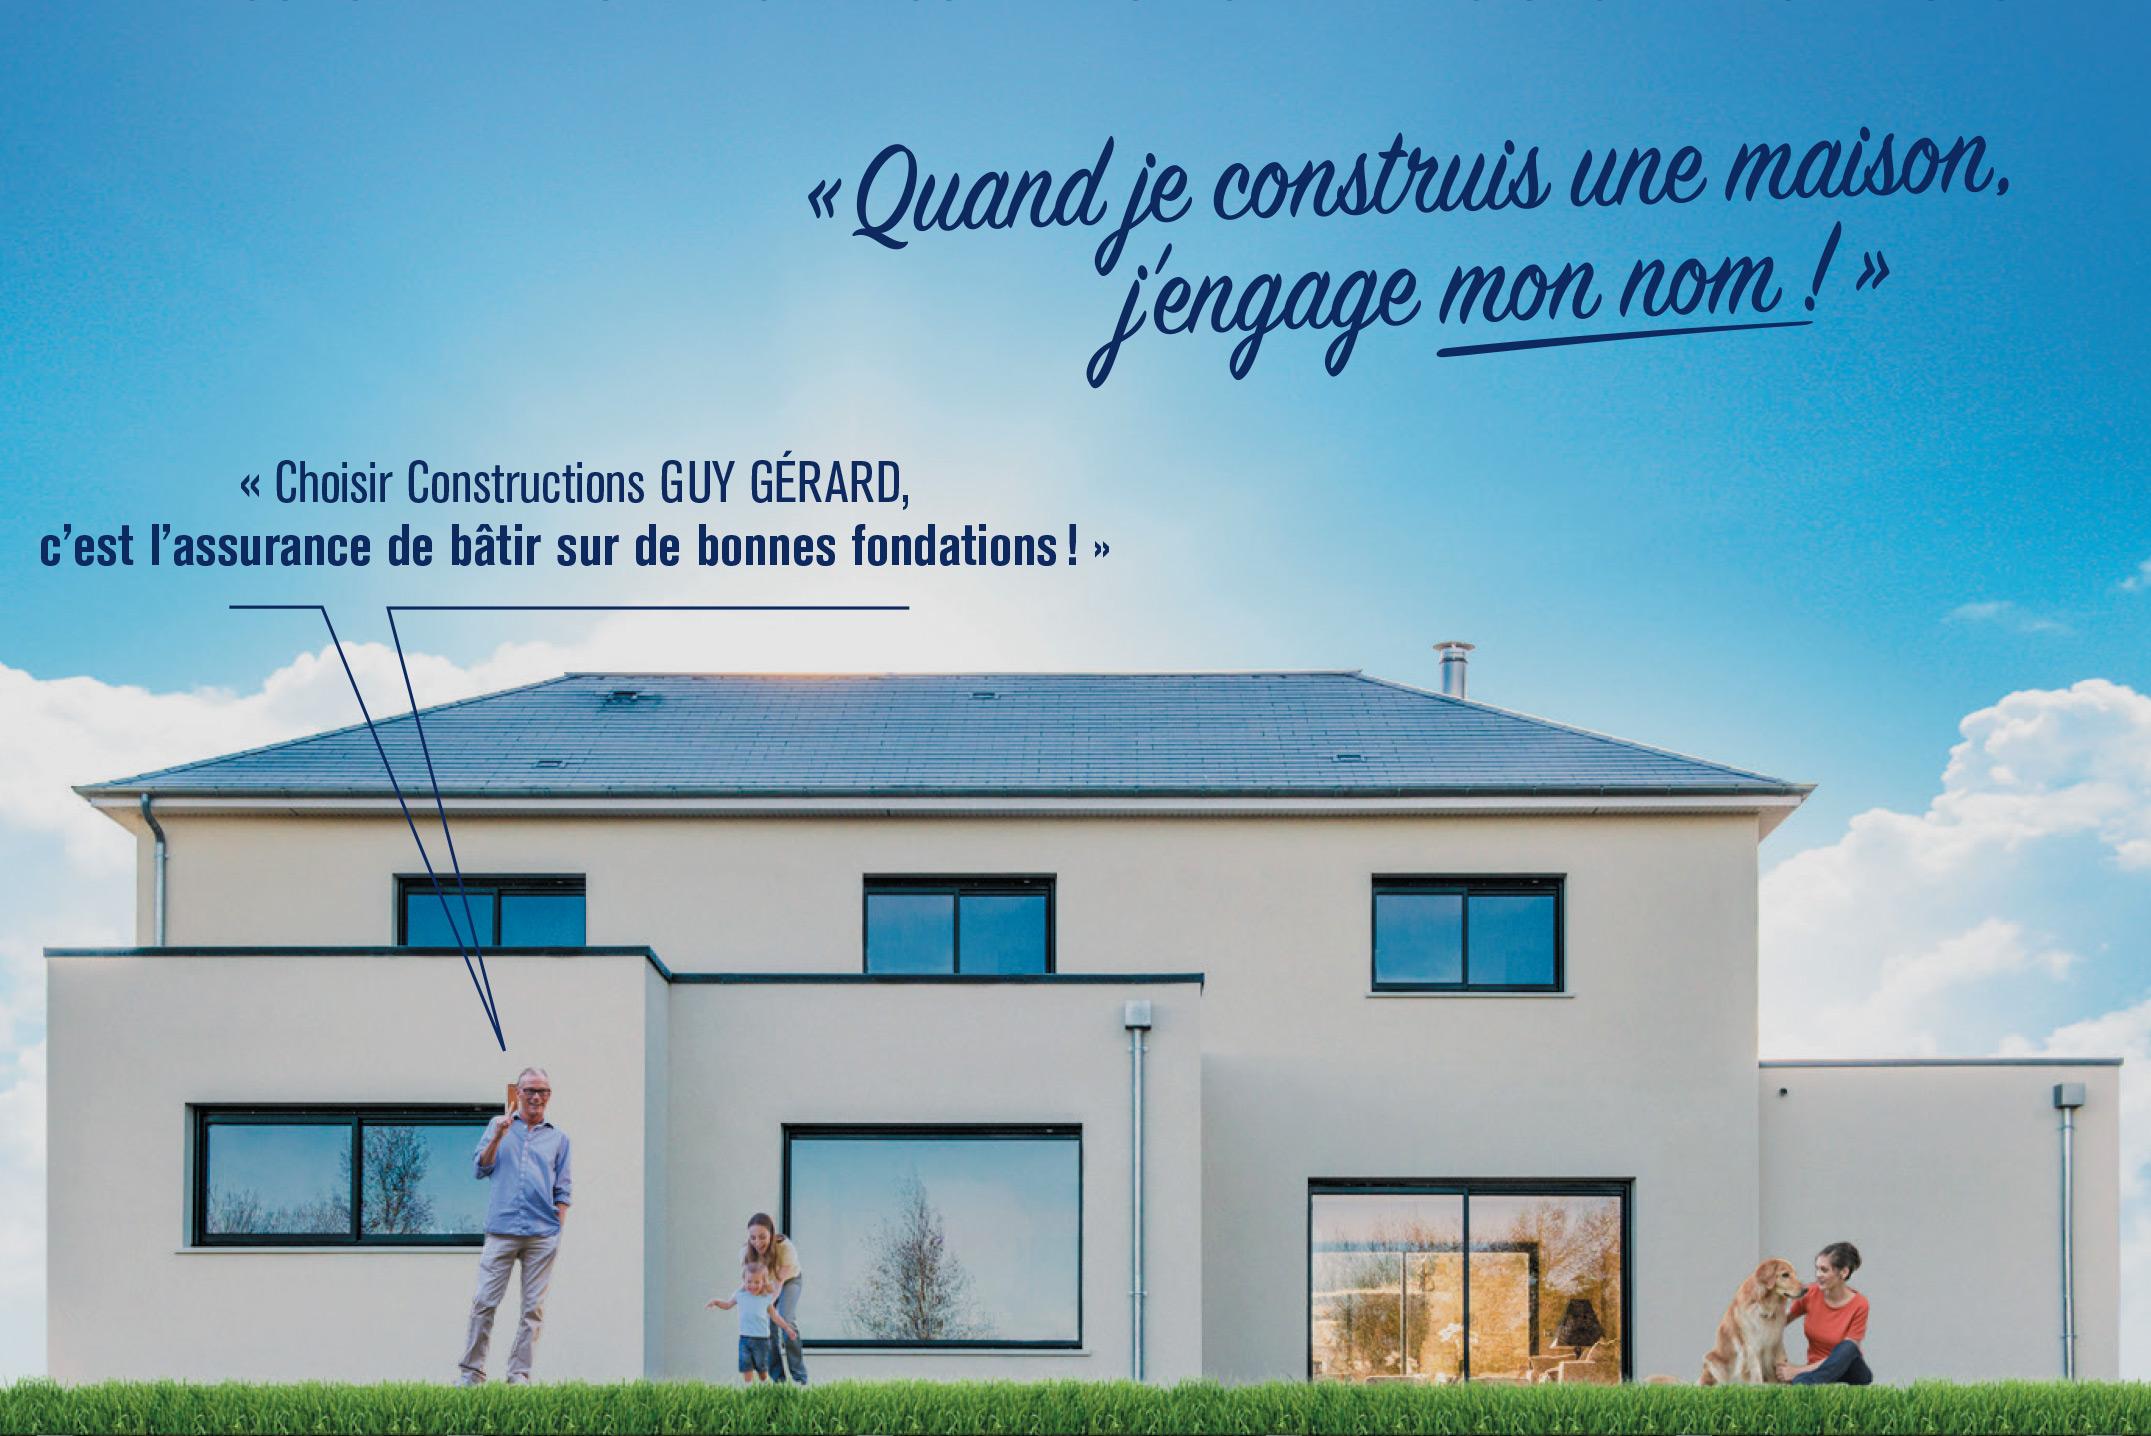 Choisir Constructions Guy Gérard, c'est l'assurance de bâtir sur de bonnes fondations !